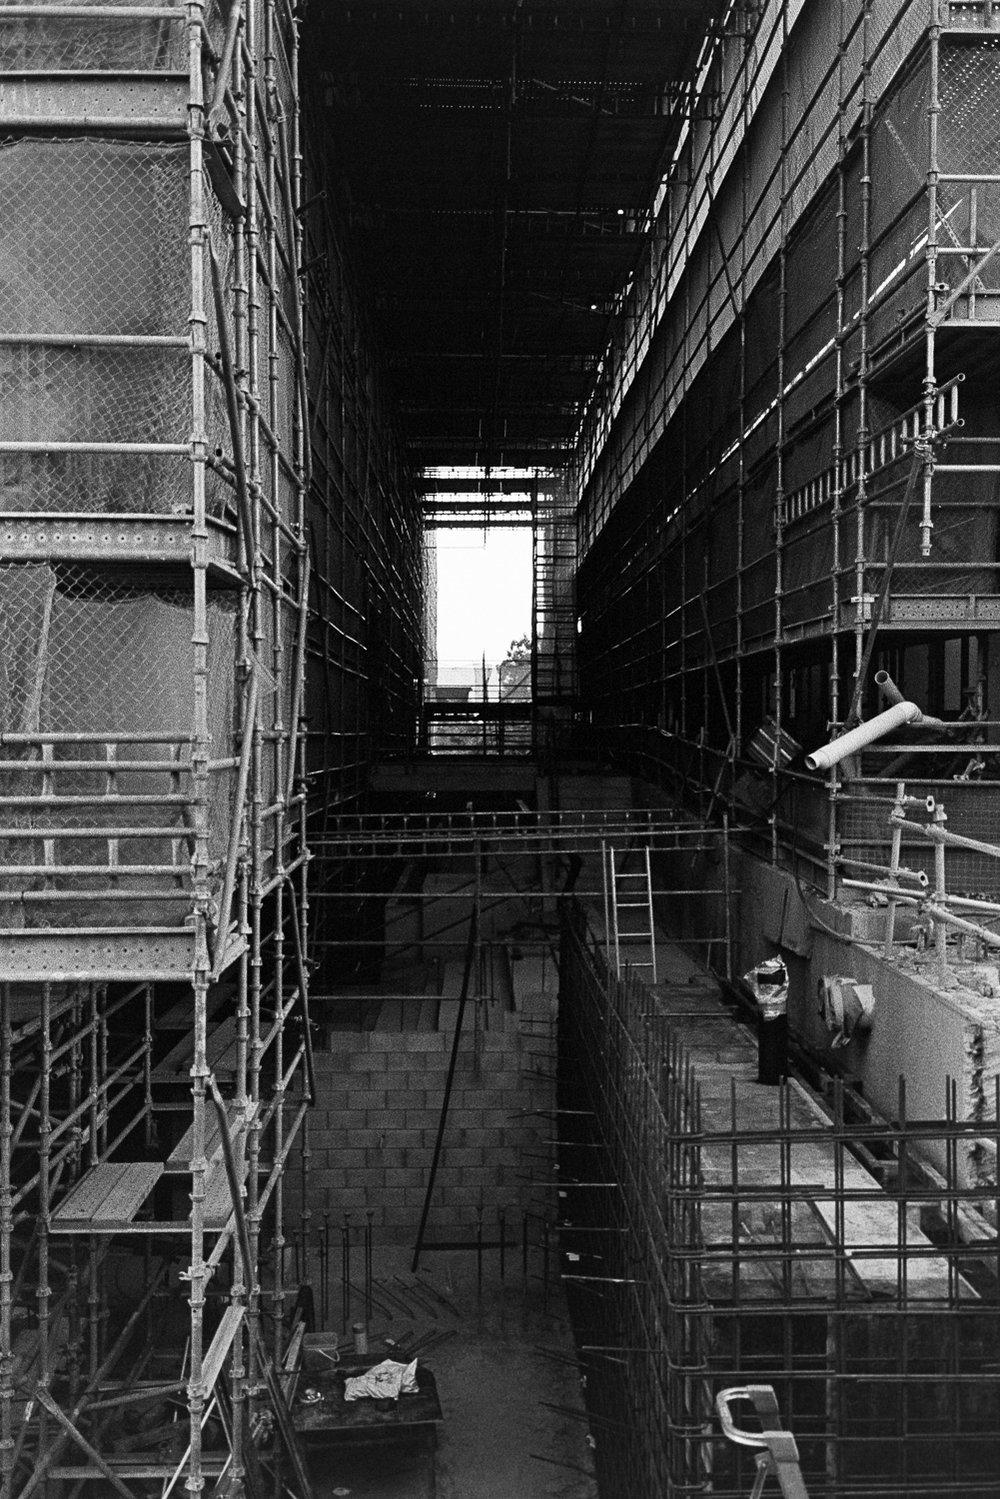 QUT Kelvin Grove under construction.